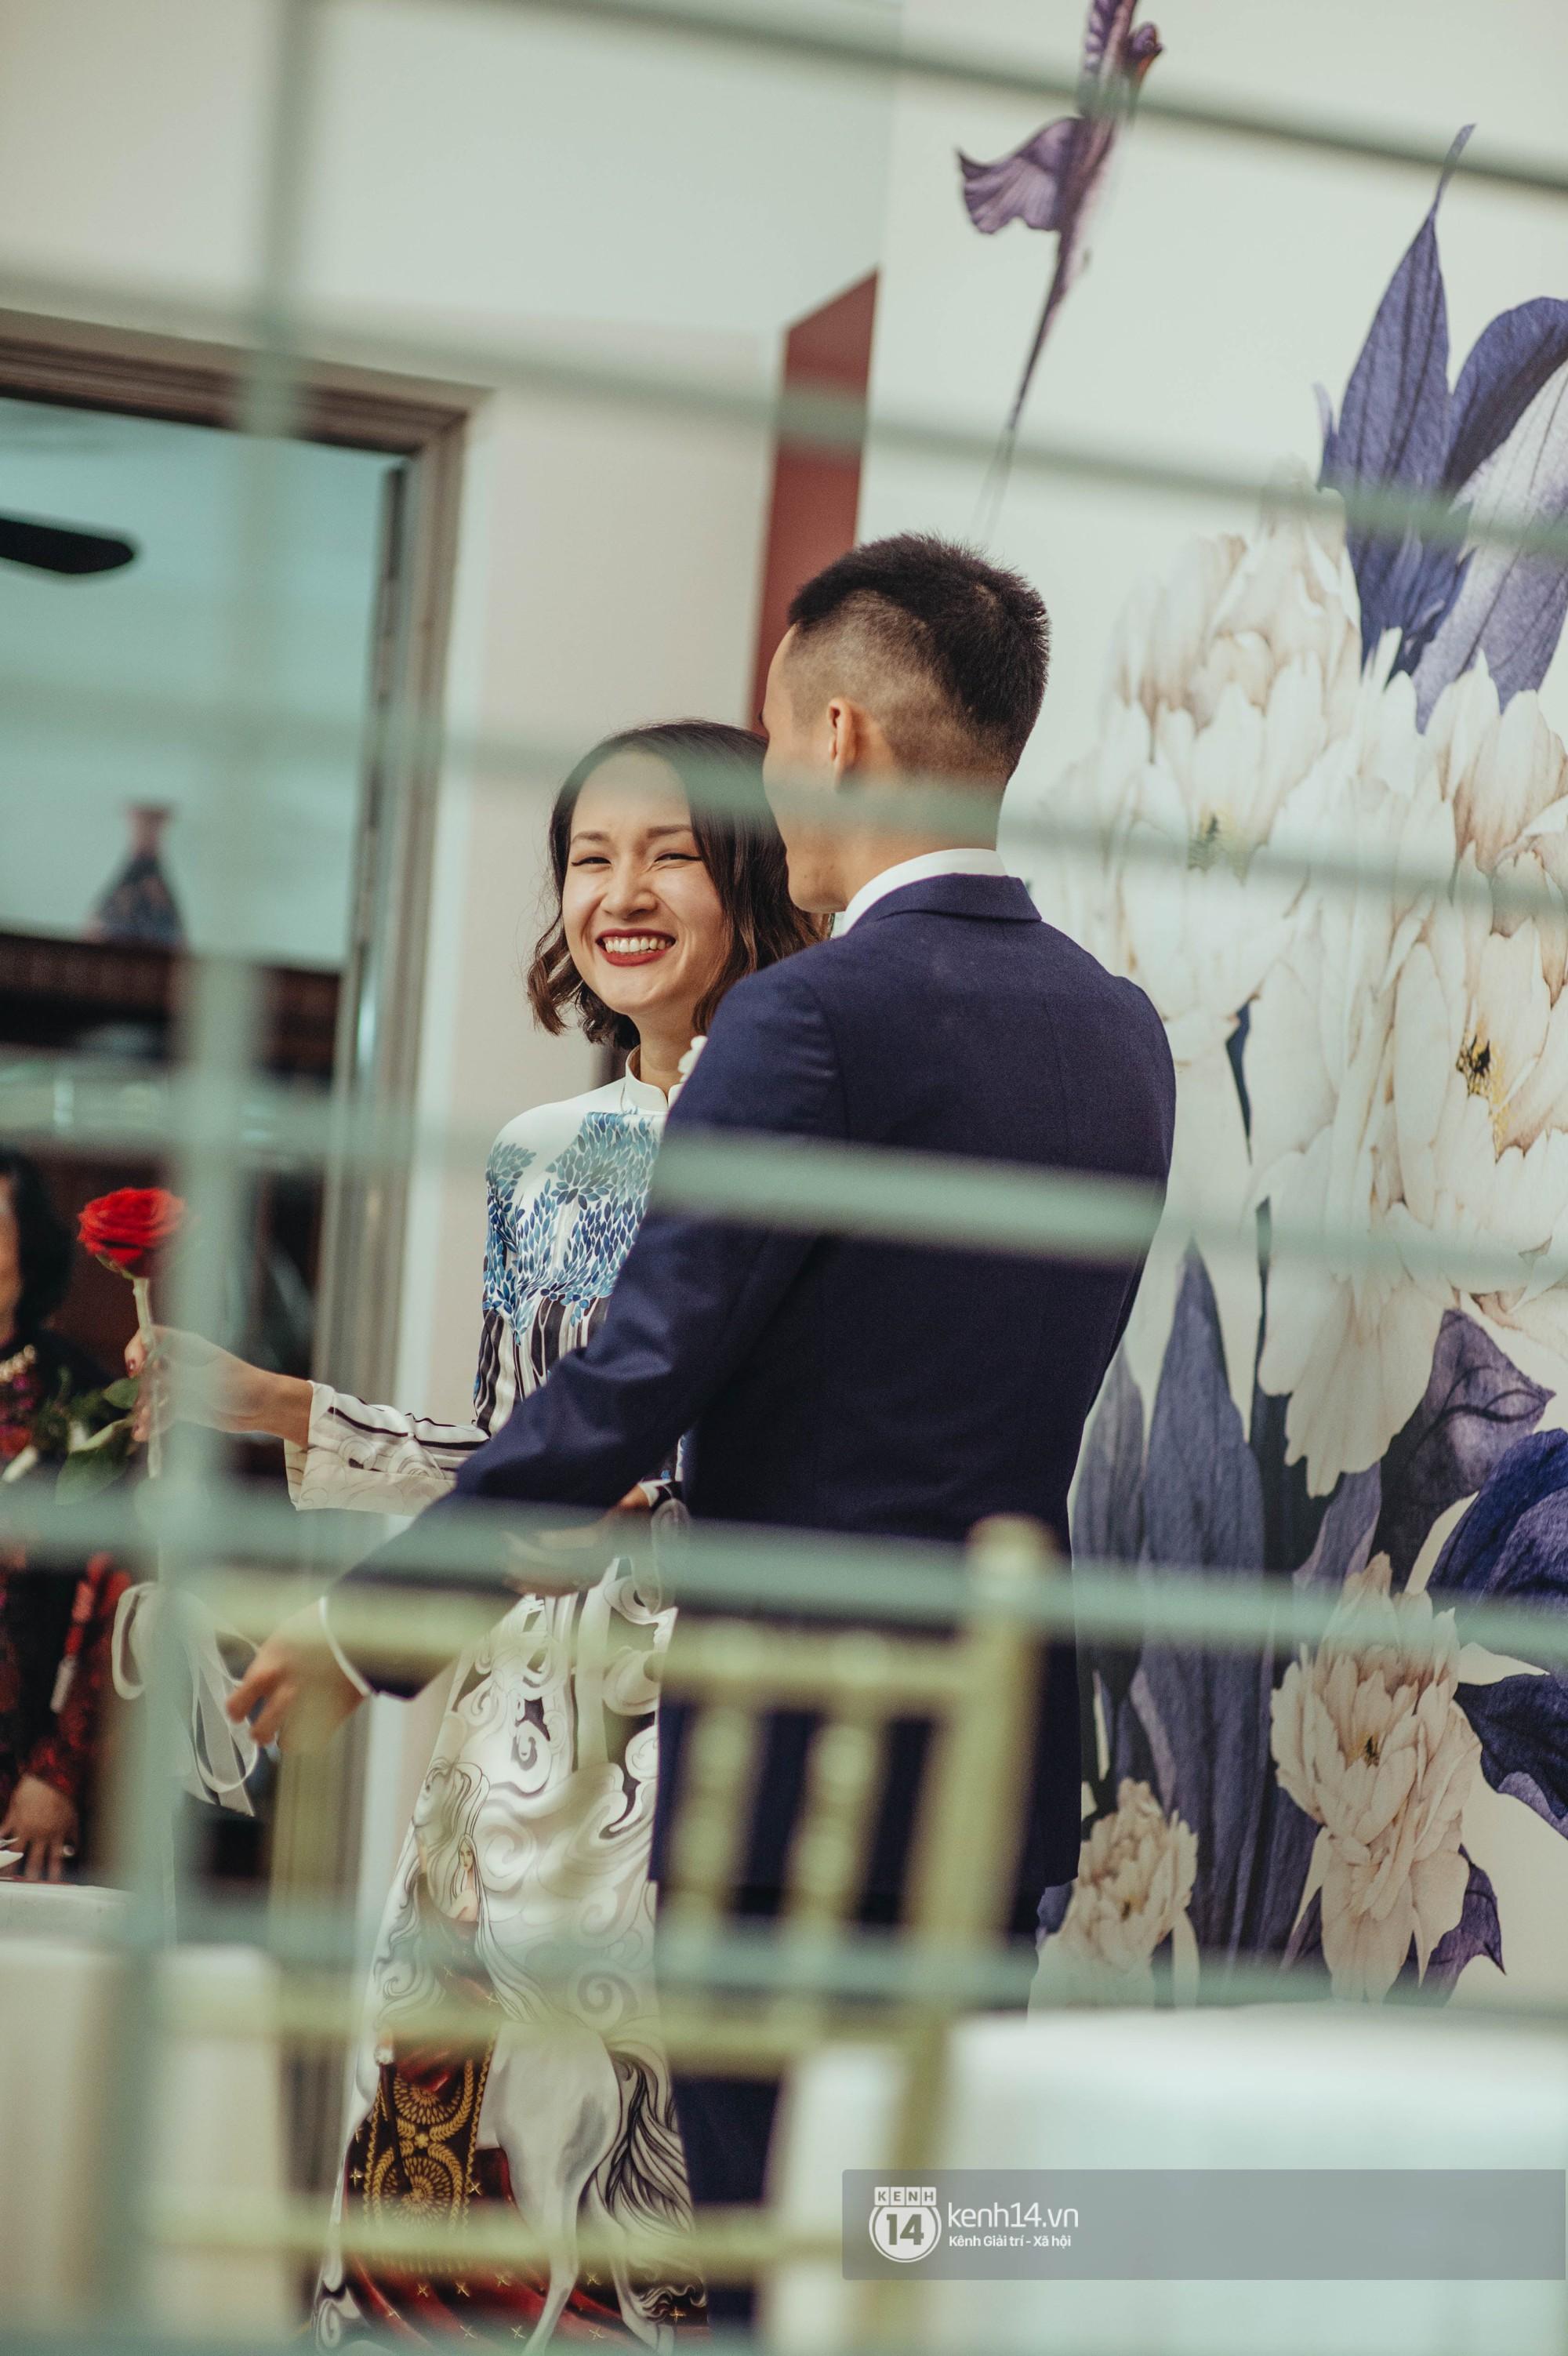 6 năm hẹn hò với bạn thân của hot Vlogger Giang Ơi khép lại bằng đám cưới giản dị nhưng đong đầy hạnh phúc - Ảnh 11.